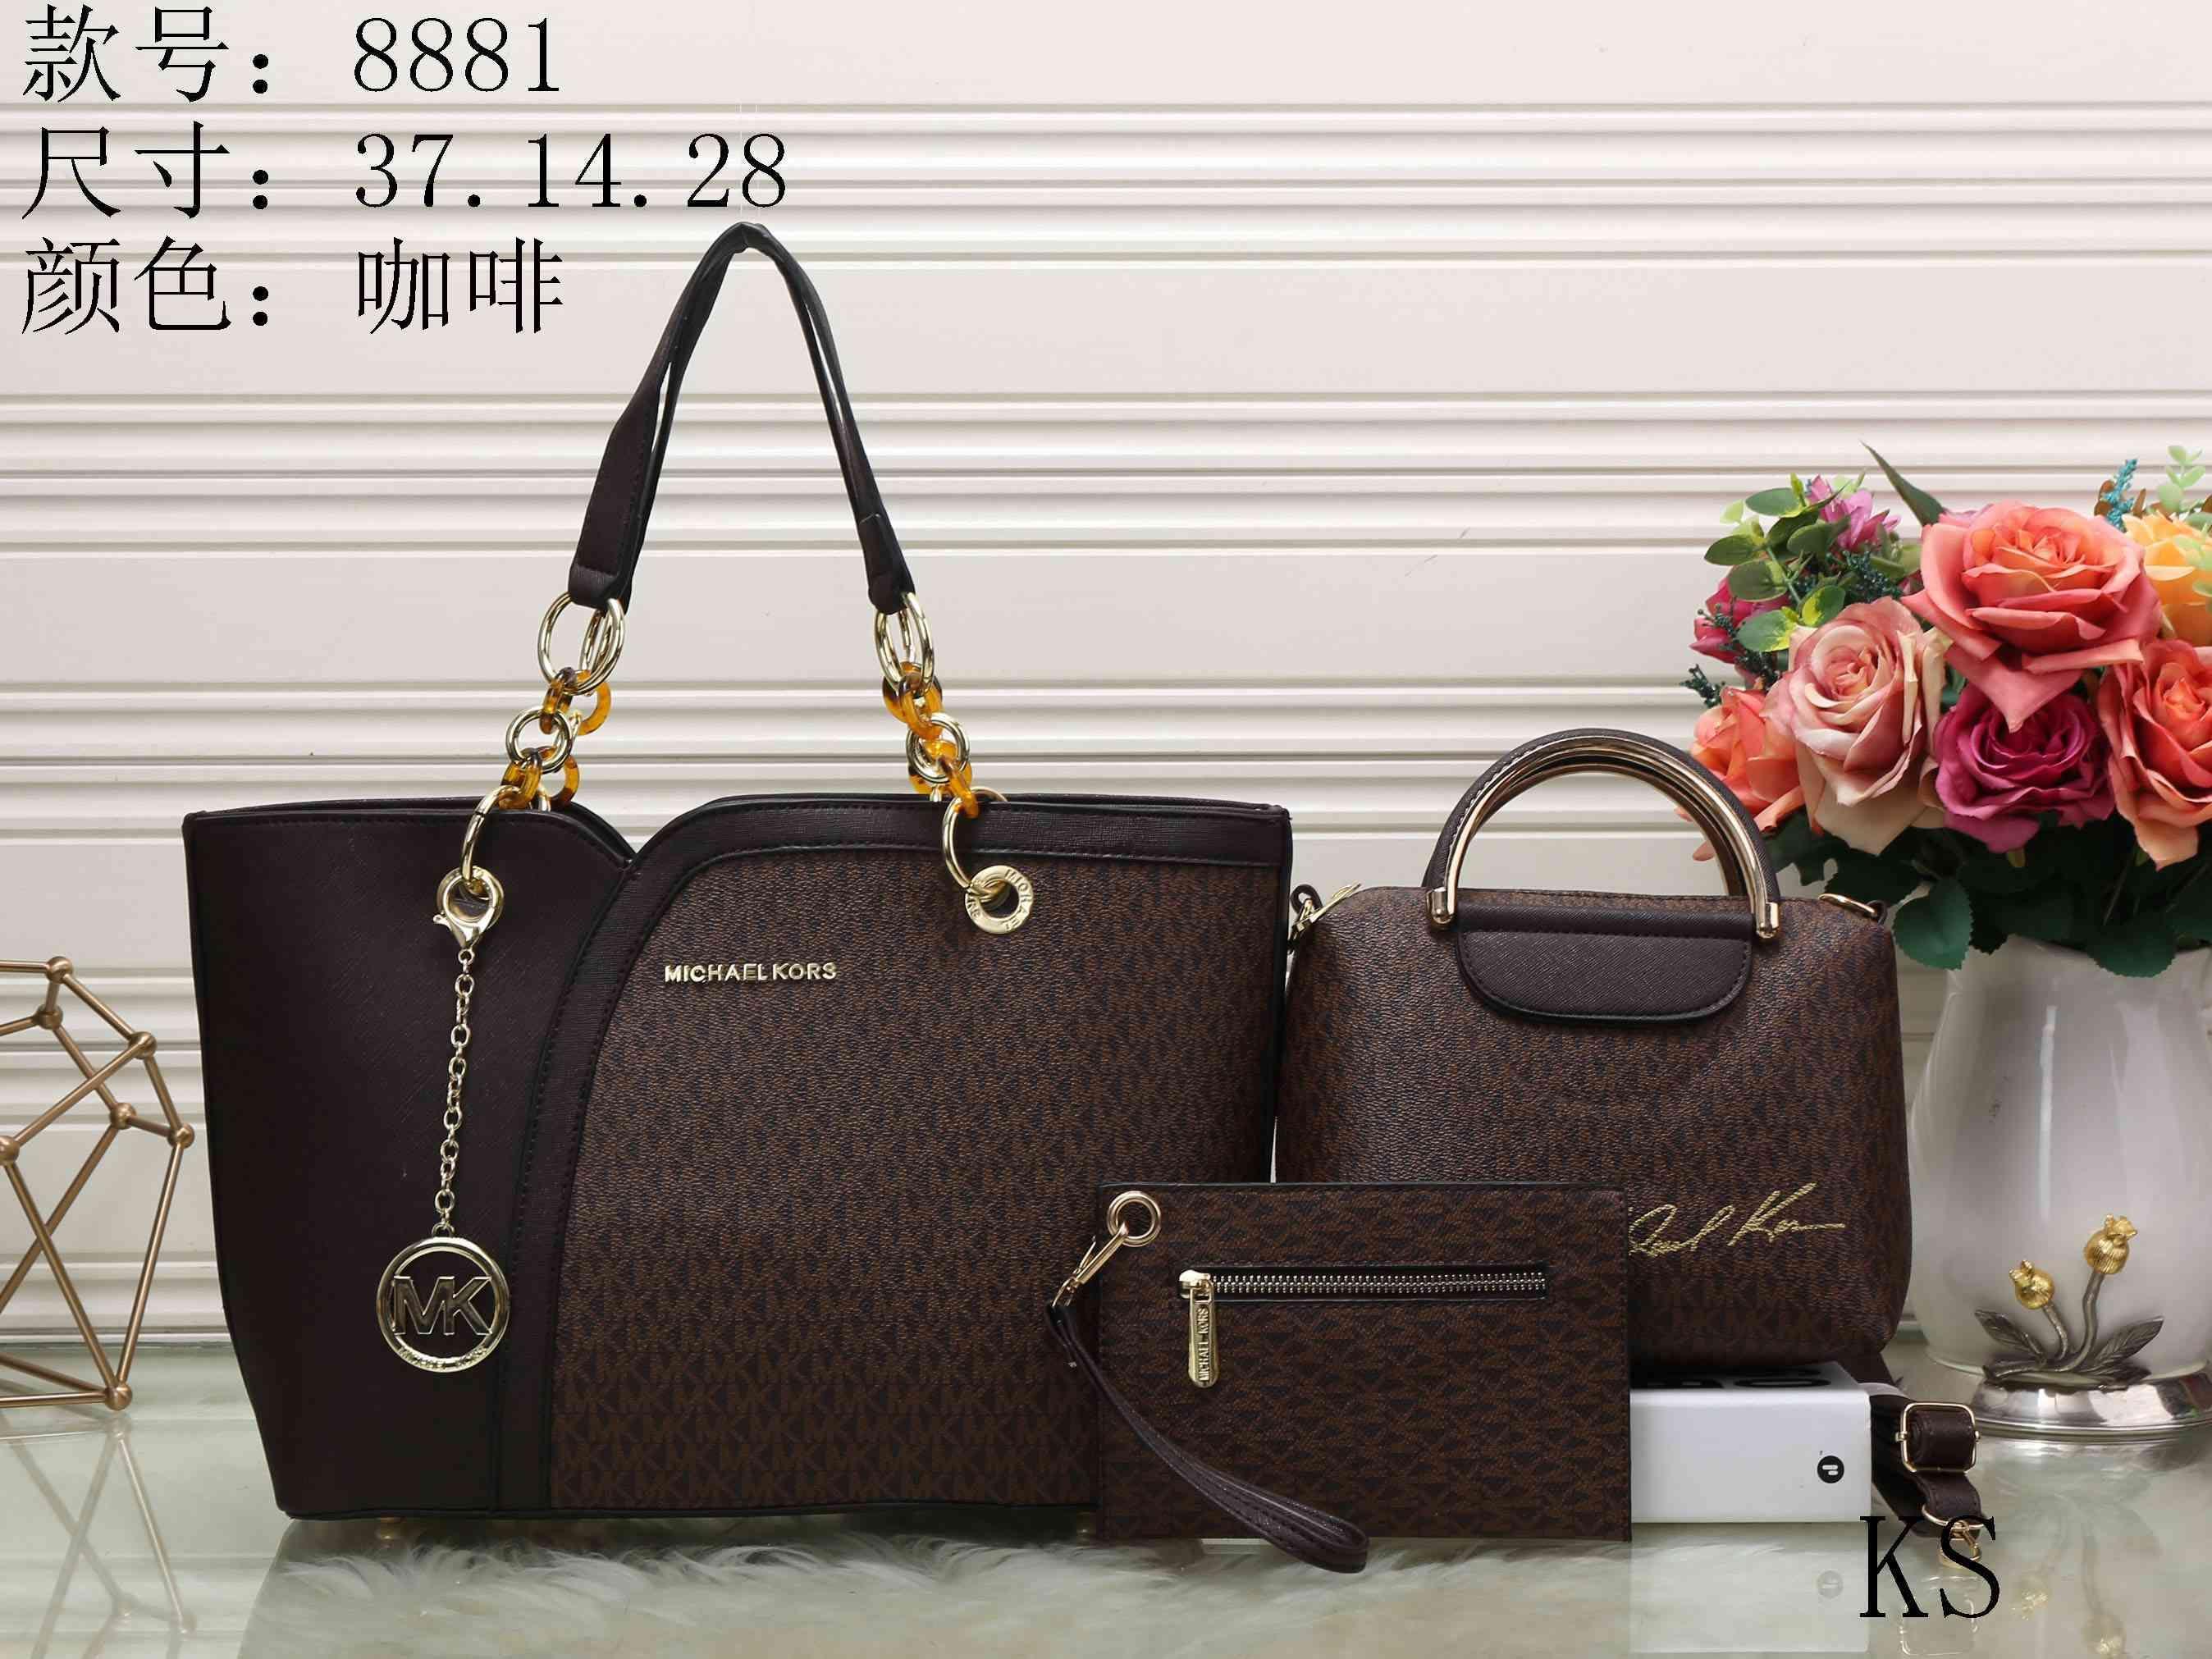 765ecd0fa787 NEW Luxury Handbags Totes Fashion Women Bags Designer Bags Handbag Women  Famous Brand Sac A Main Small Shell 2018 Plum Flower Bag Tags B014 Women  Handbag ...